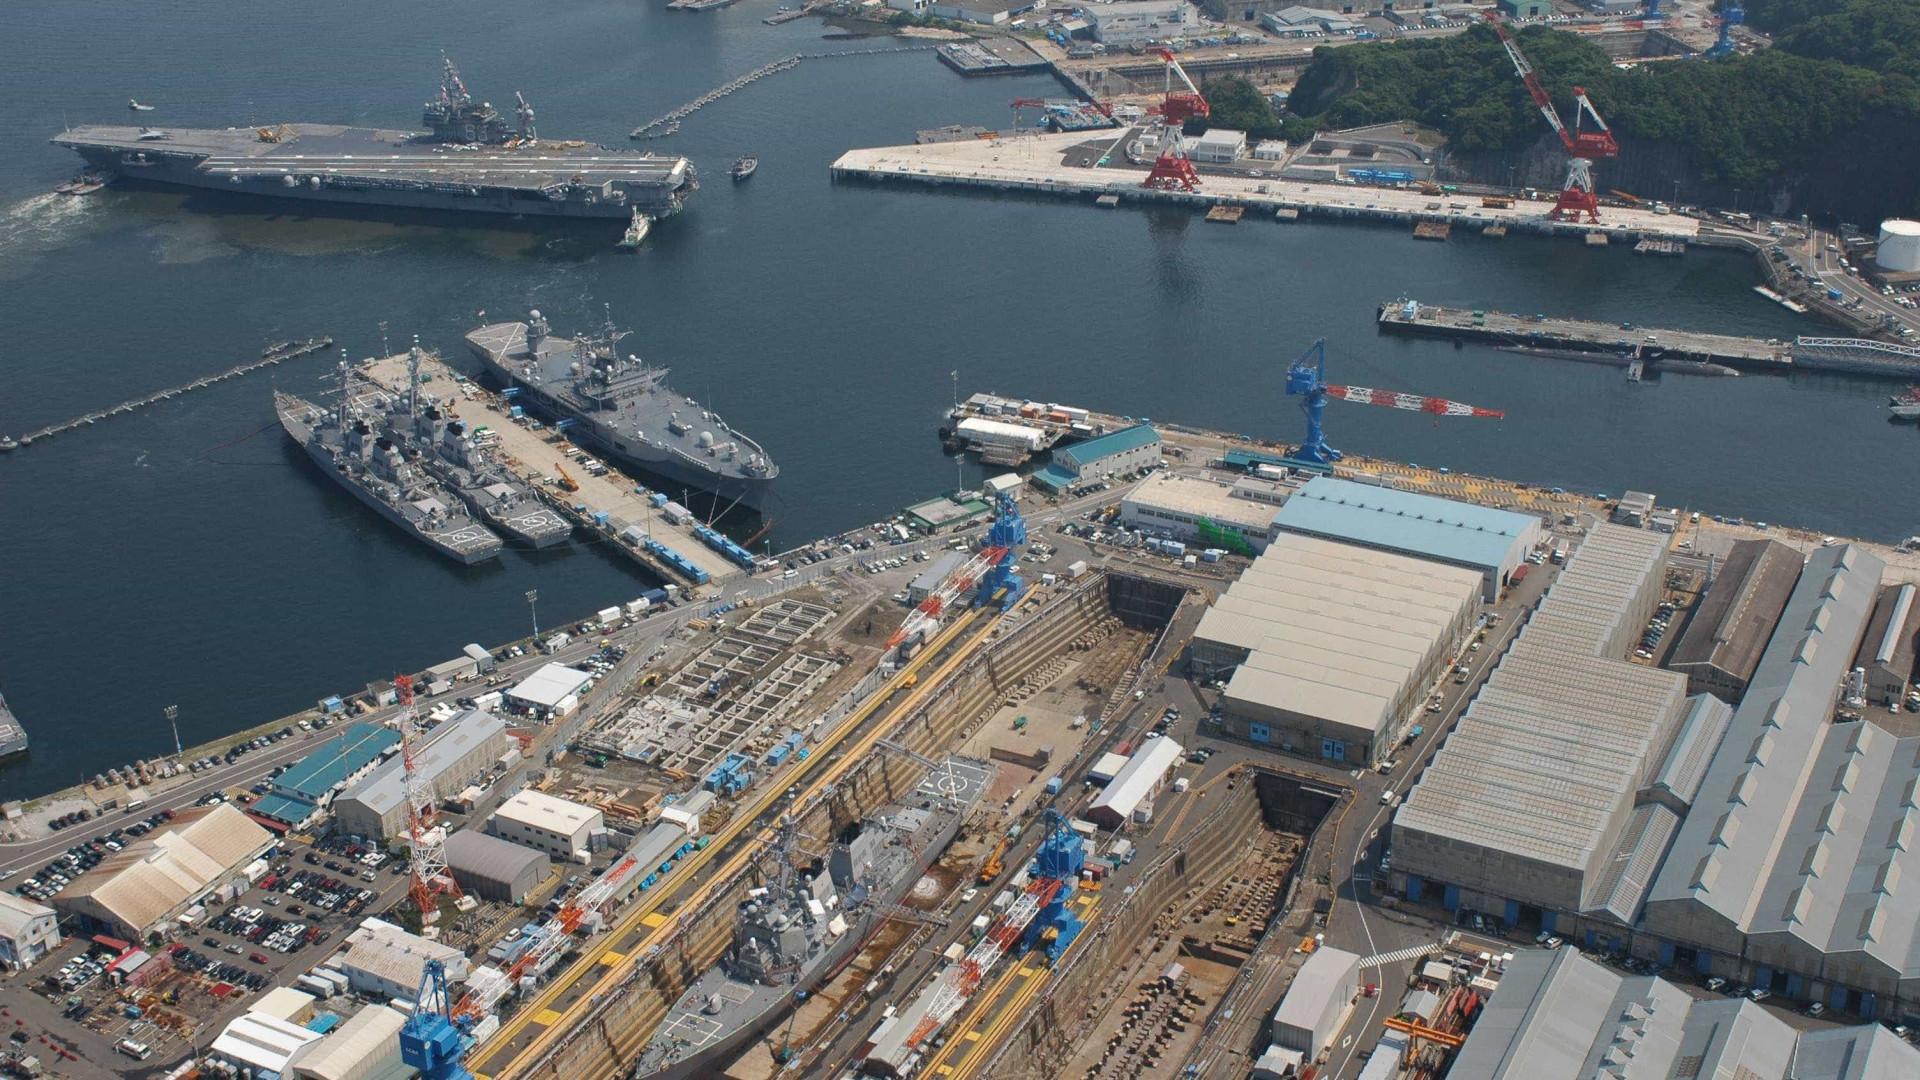 Seis mortos em base naval sul-africana